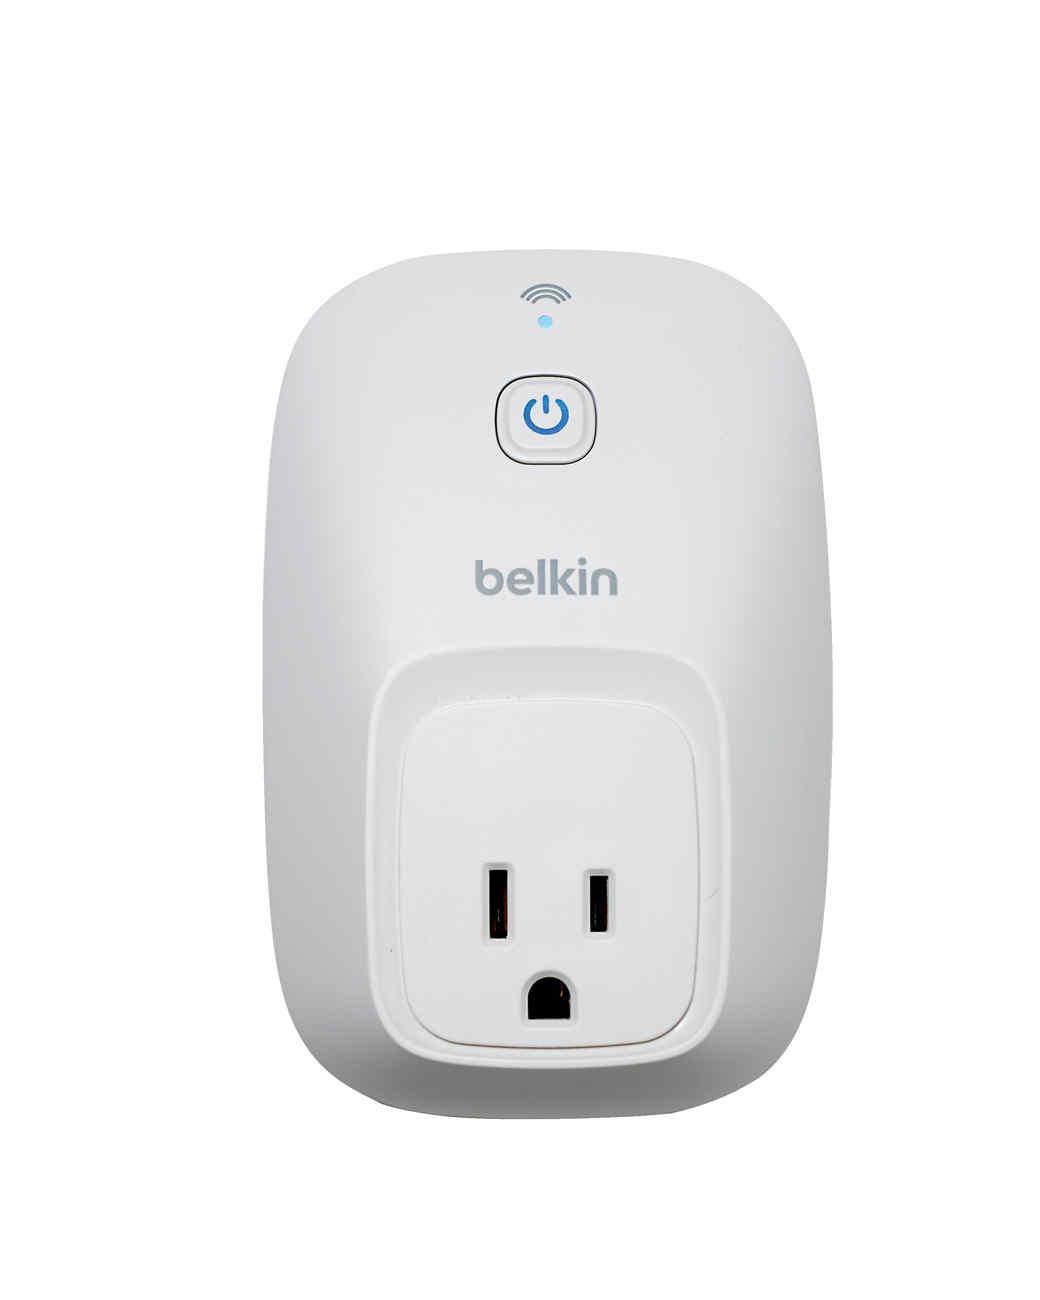 belkin-055-mld110922.jpg